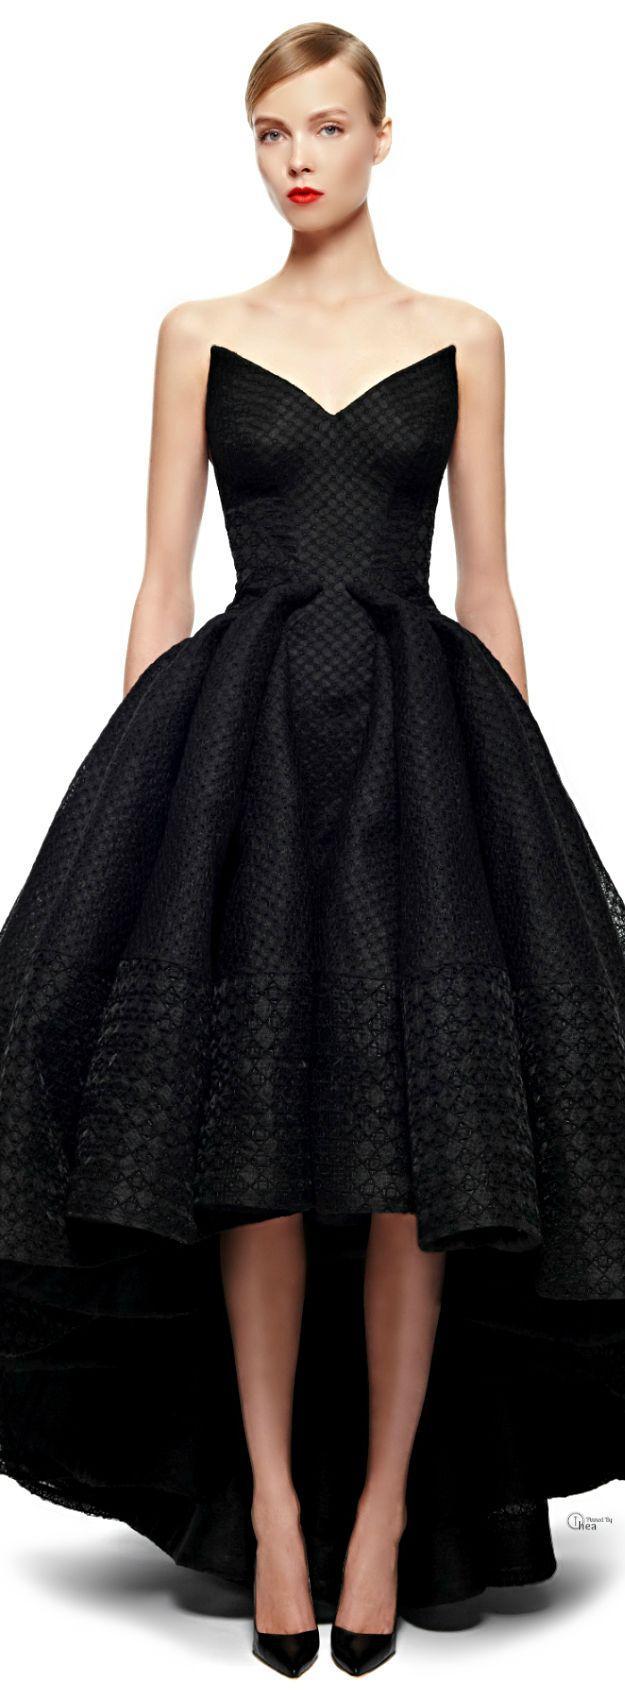 Schwarze Hochzeits- - Kleider ........ Black Beauties #2121846 ...